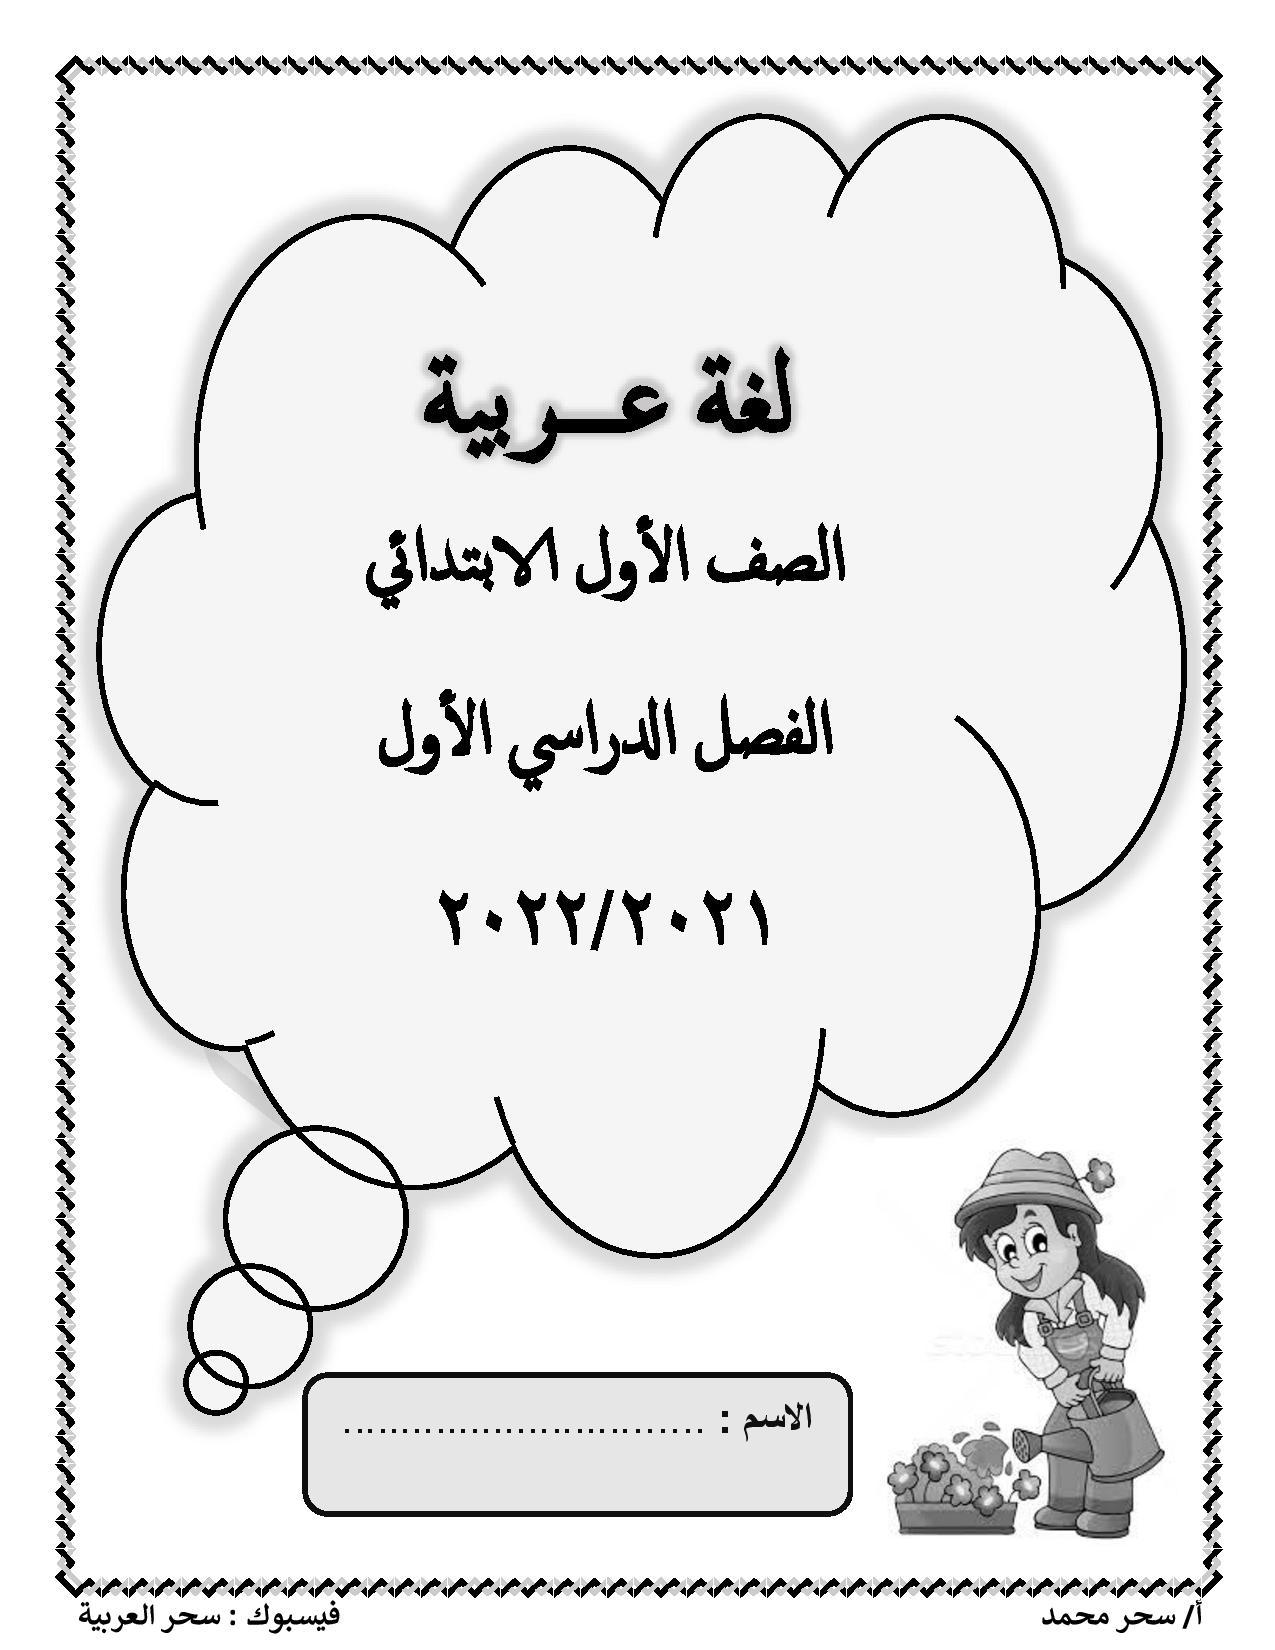 دروس اللغة العربية للصف الأول الابتدائي